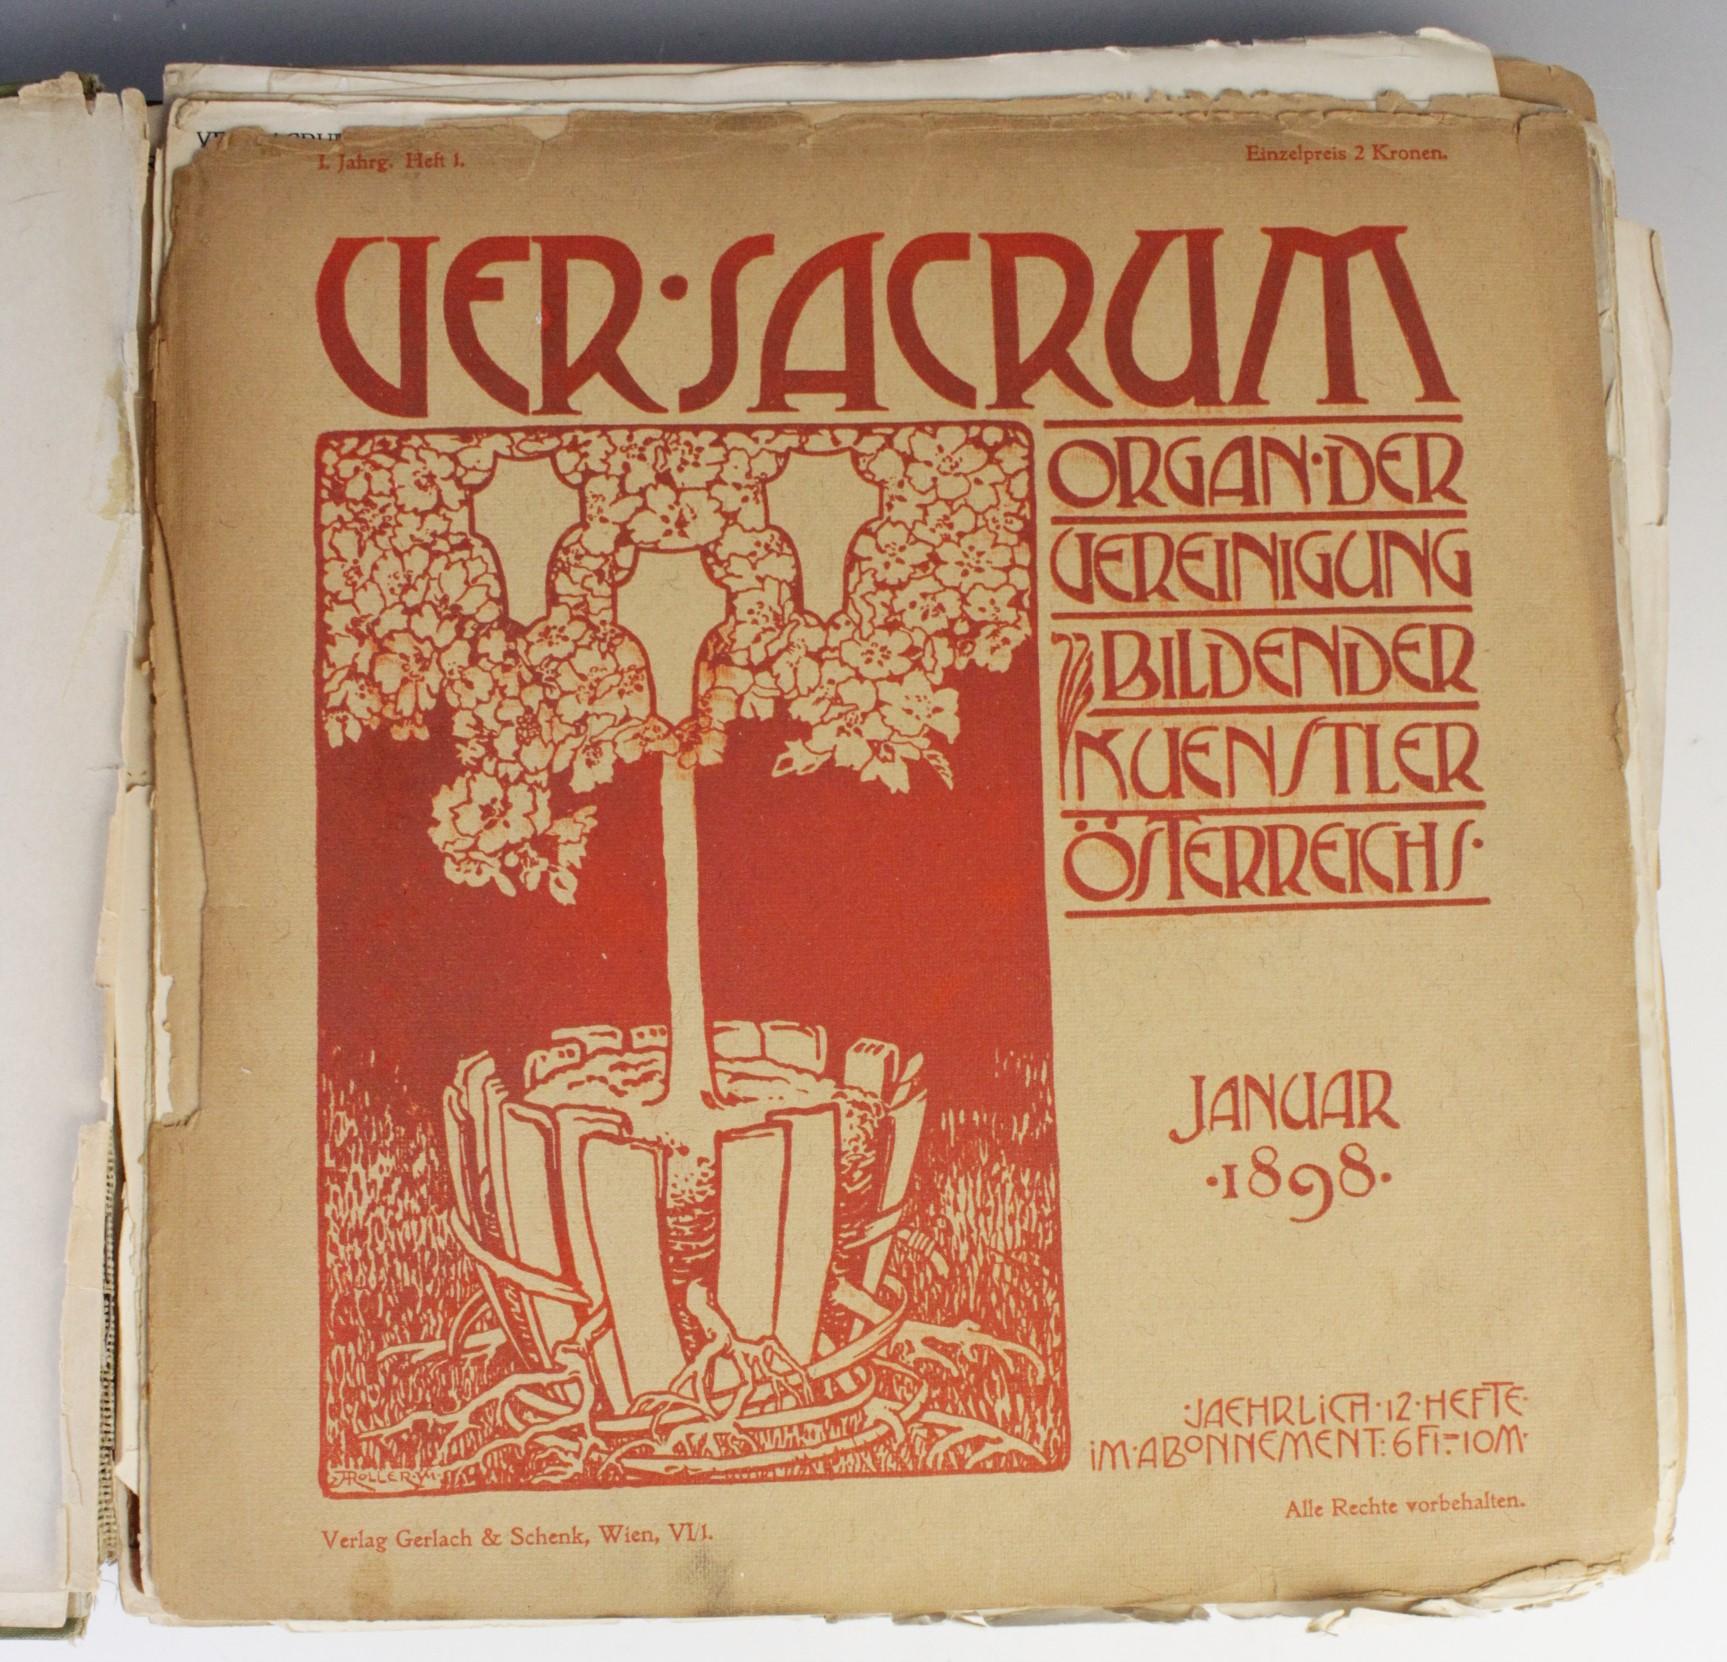 VER SACRUM, ORGAN DER JEREINIGUNG BILDENDER KUENSTLER OSTERREICHS [ORGAN OF THE PURIFICATION OF - Image 3 of 16